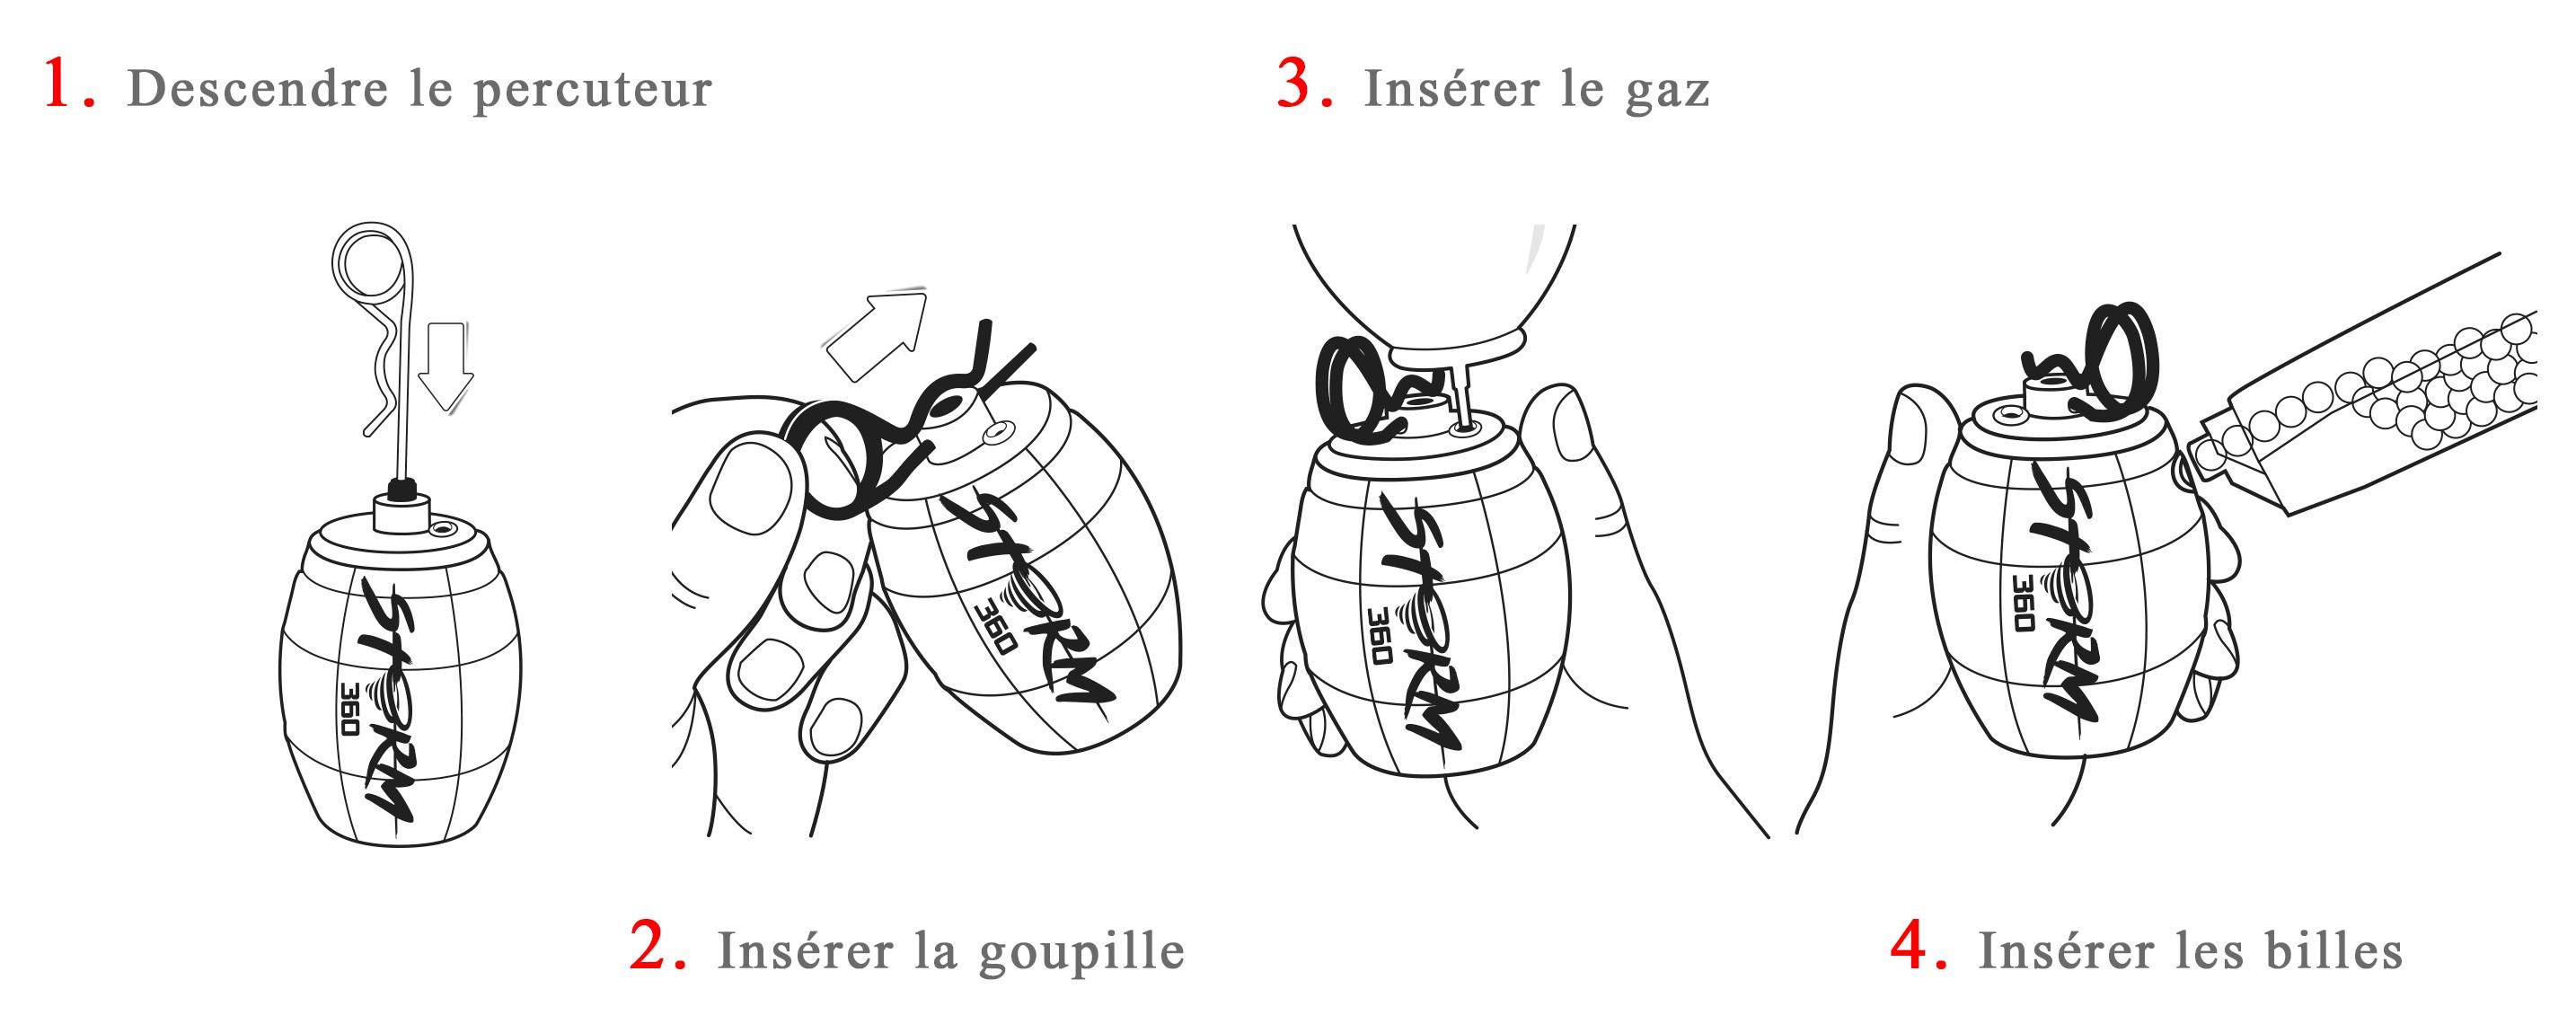 catalogue description article 5707843074728 fr imageresize 4